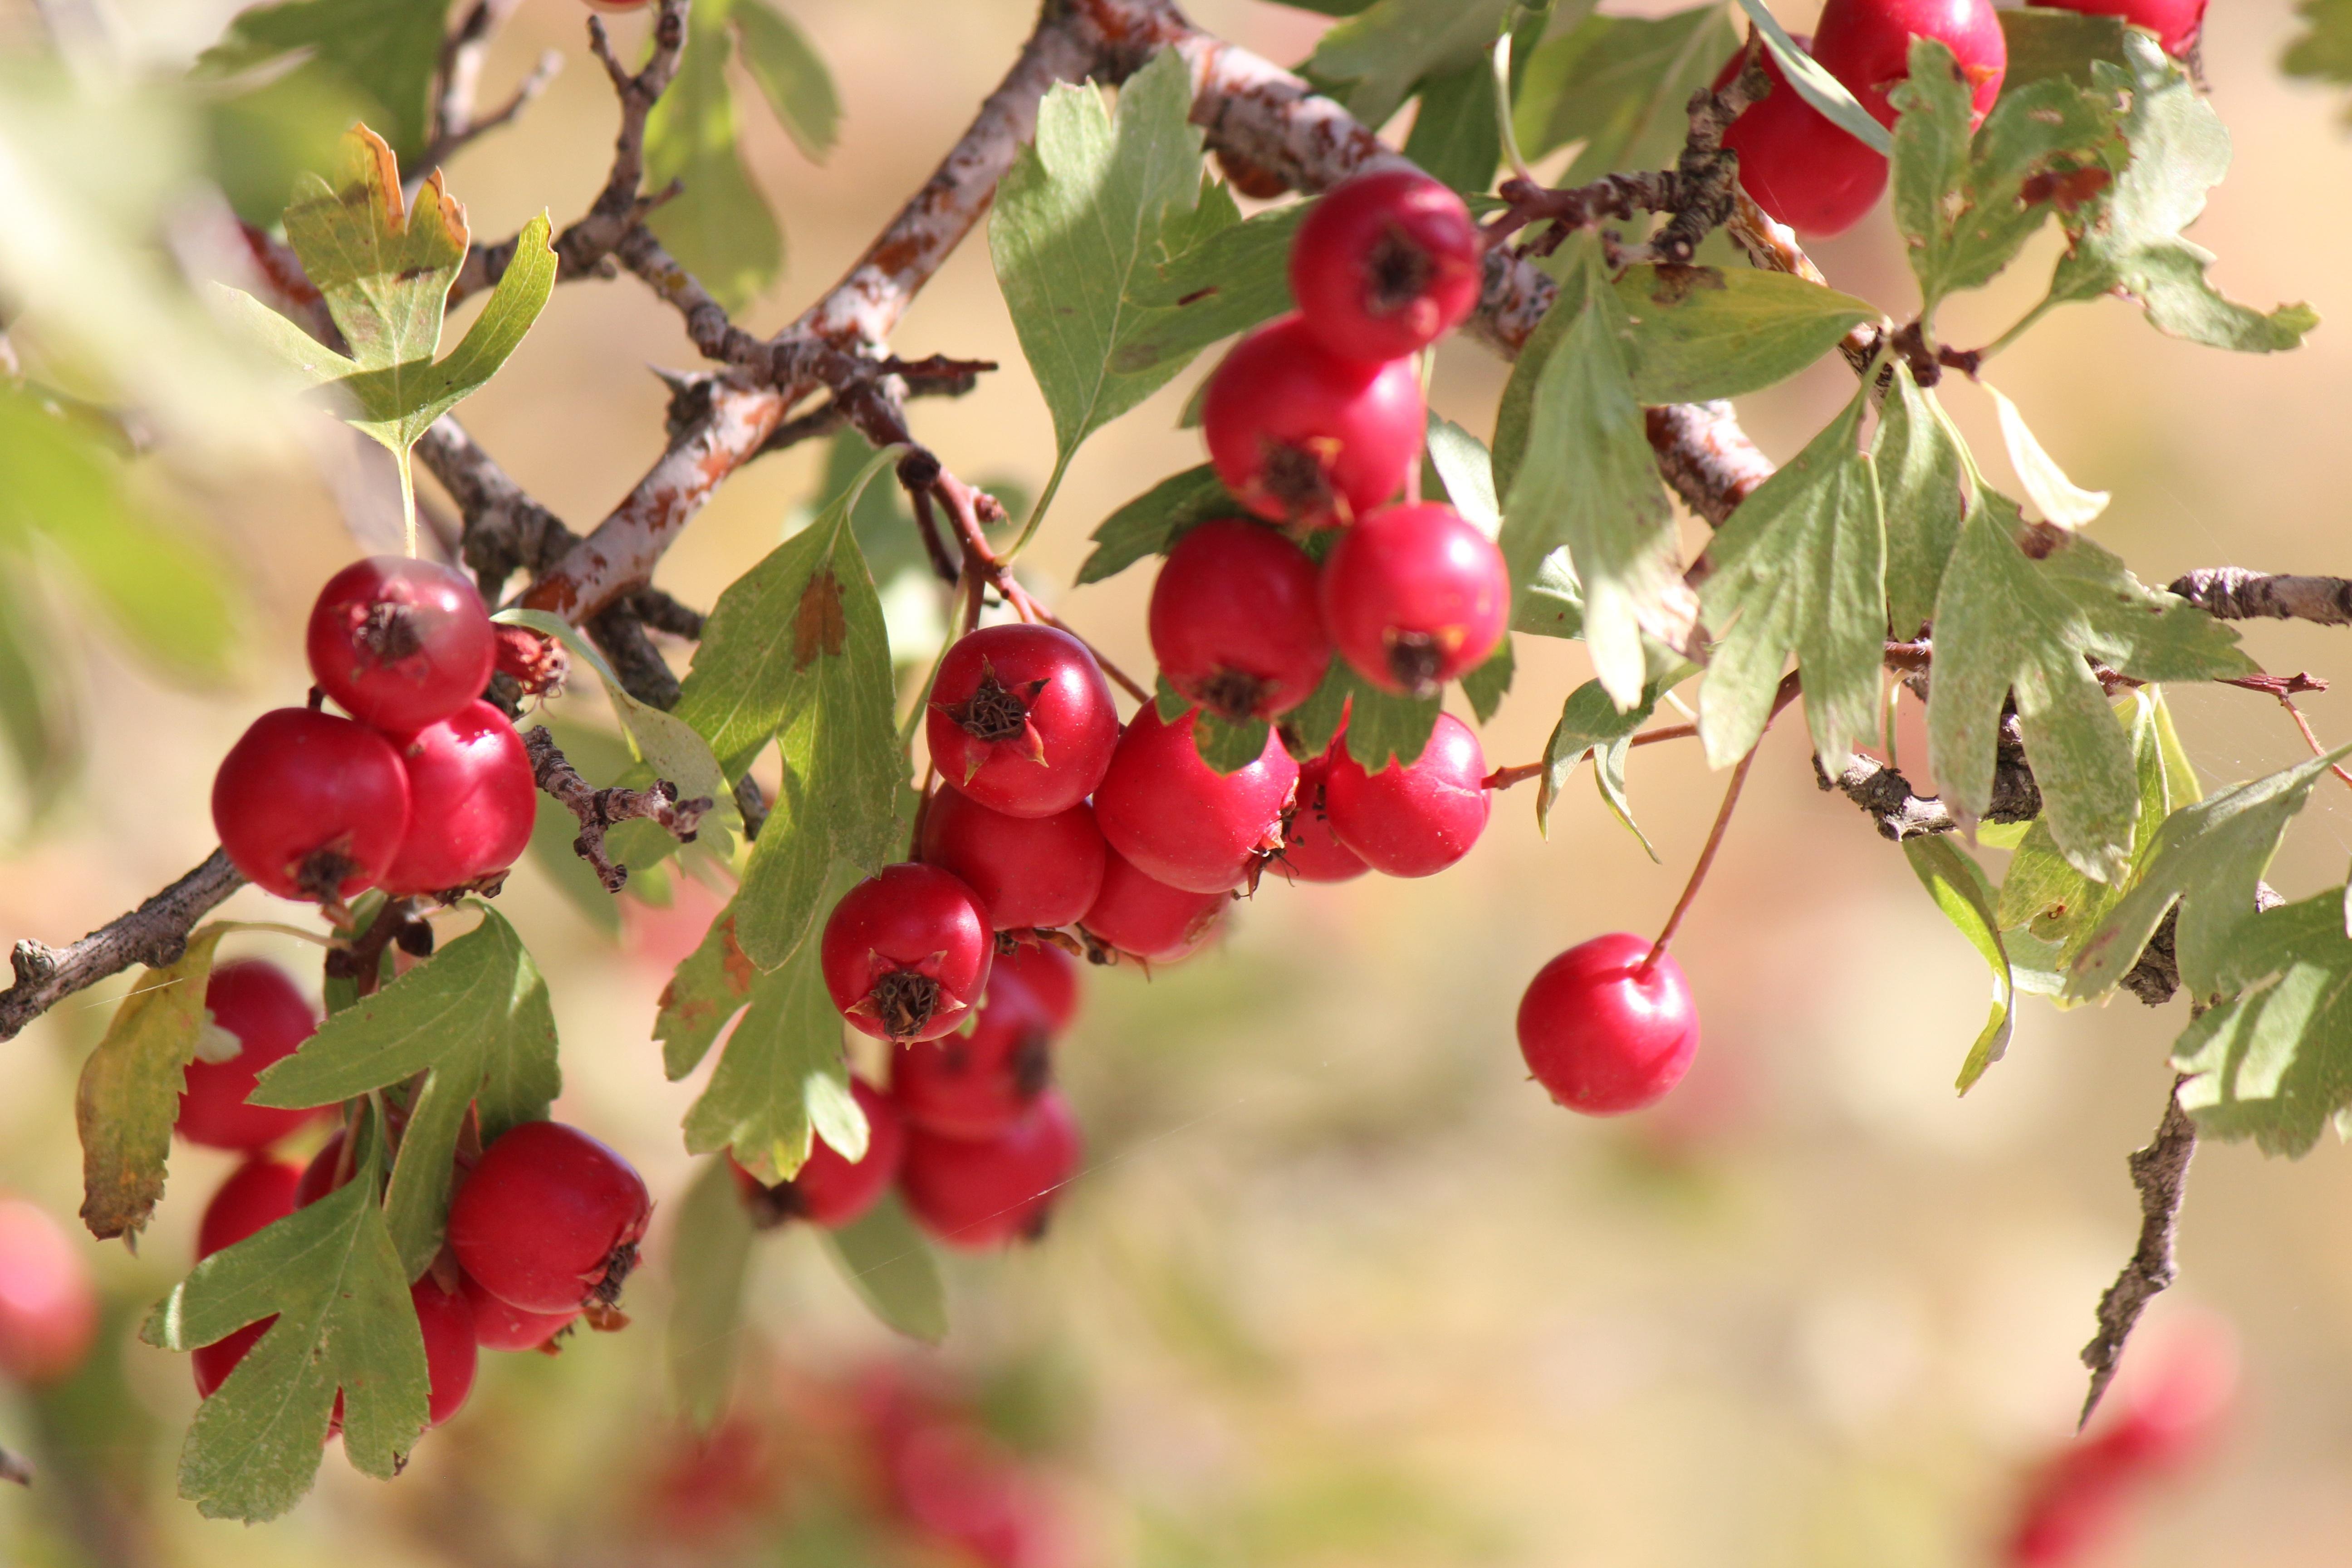 Images gratuites arbre branche fleur fruit baie feuille aliments rouge produire l - Arbre feuille rouge fruit rouge ...